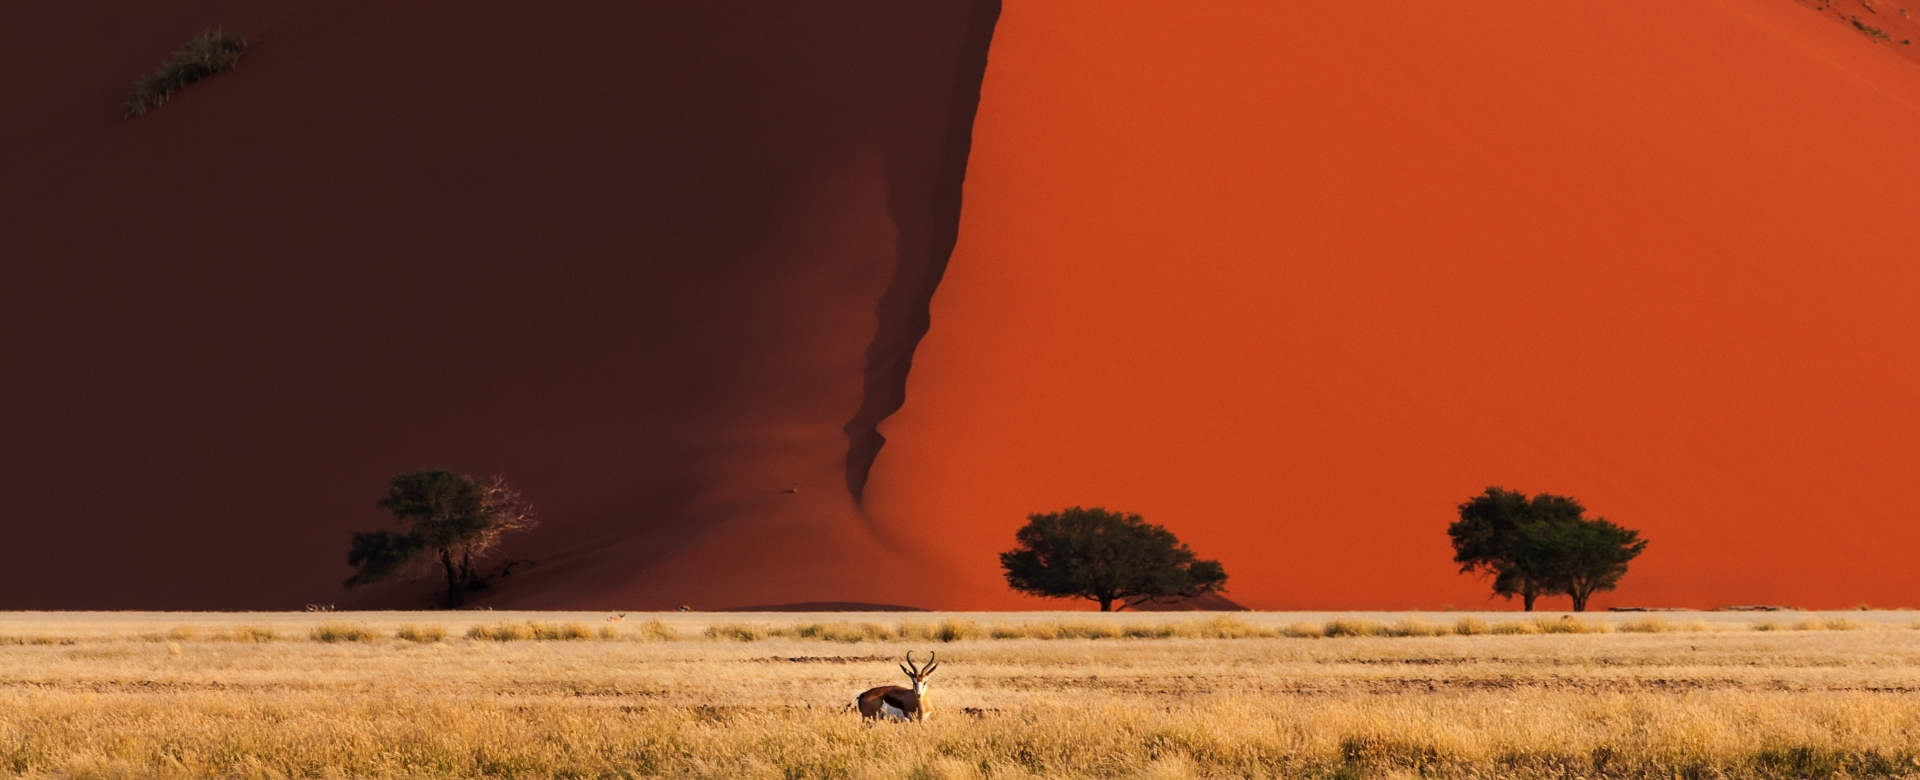 Voyage à pied : Les essentiels de namibie (confort)